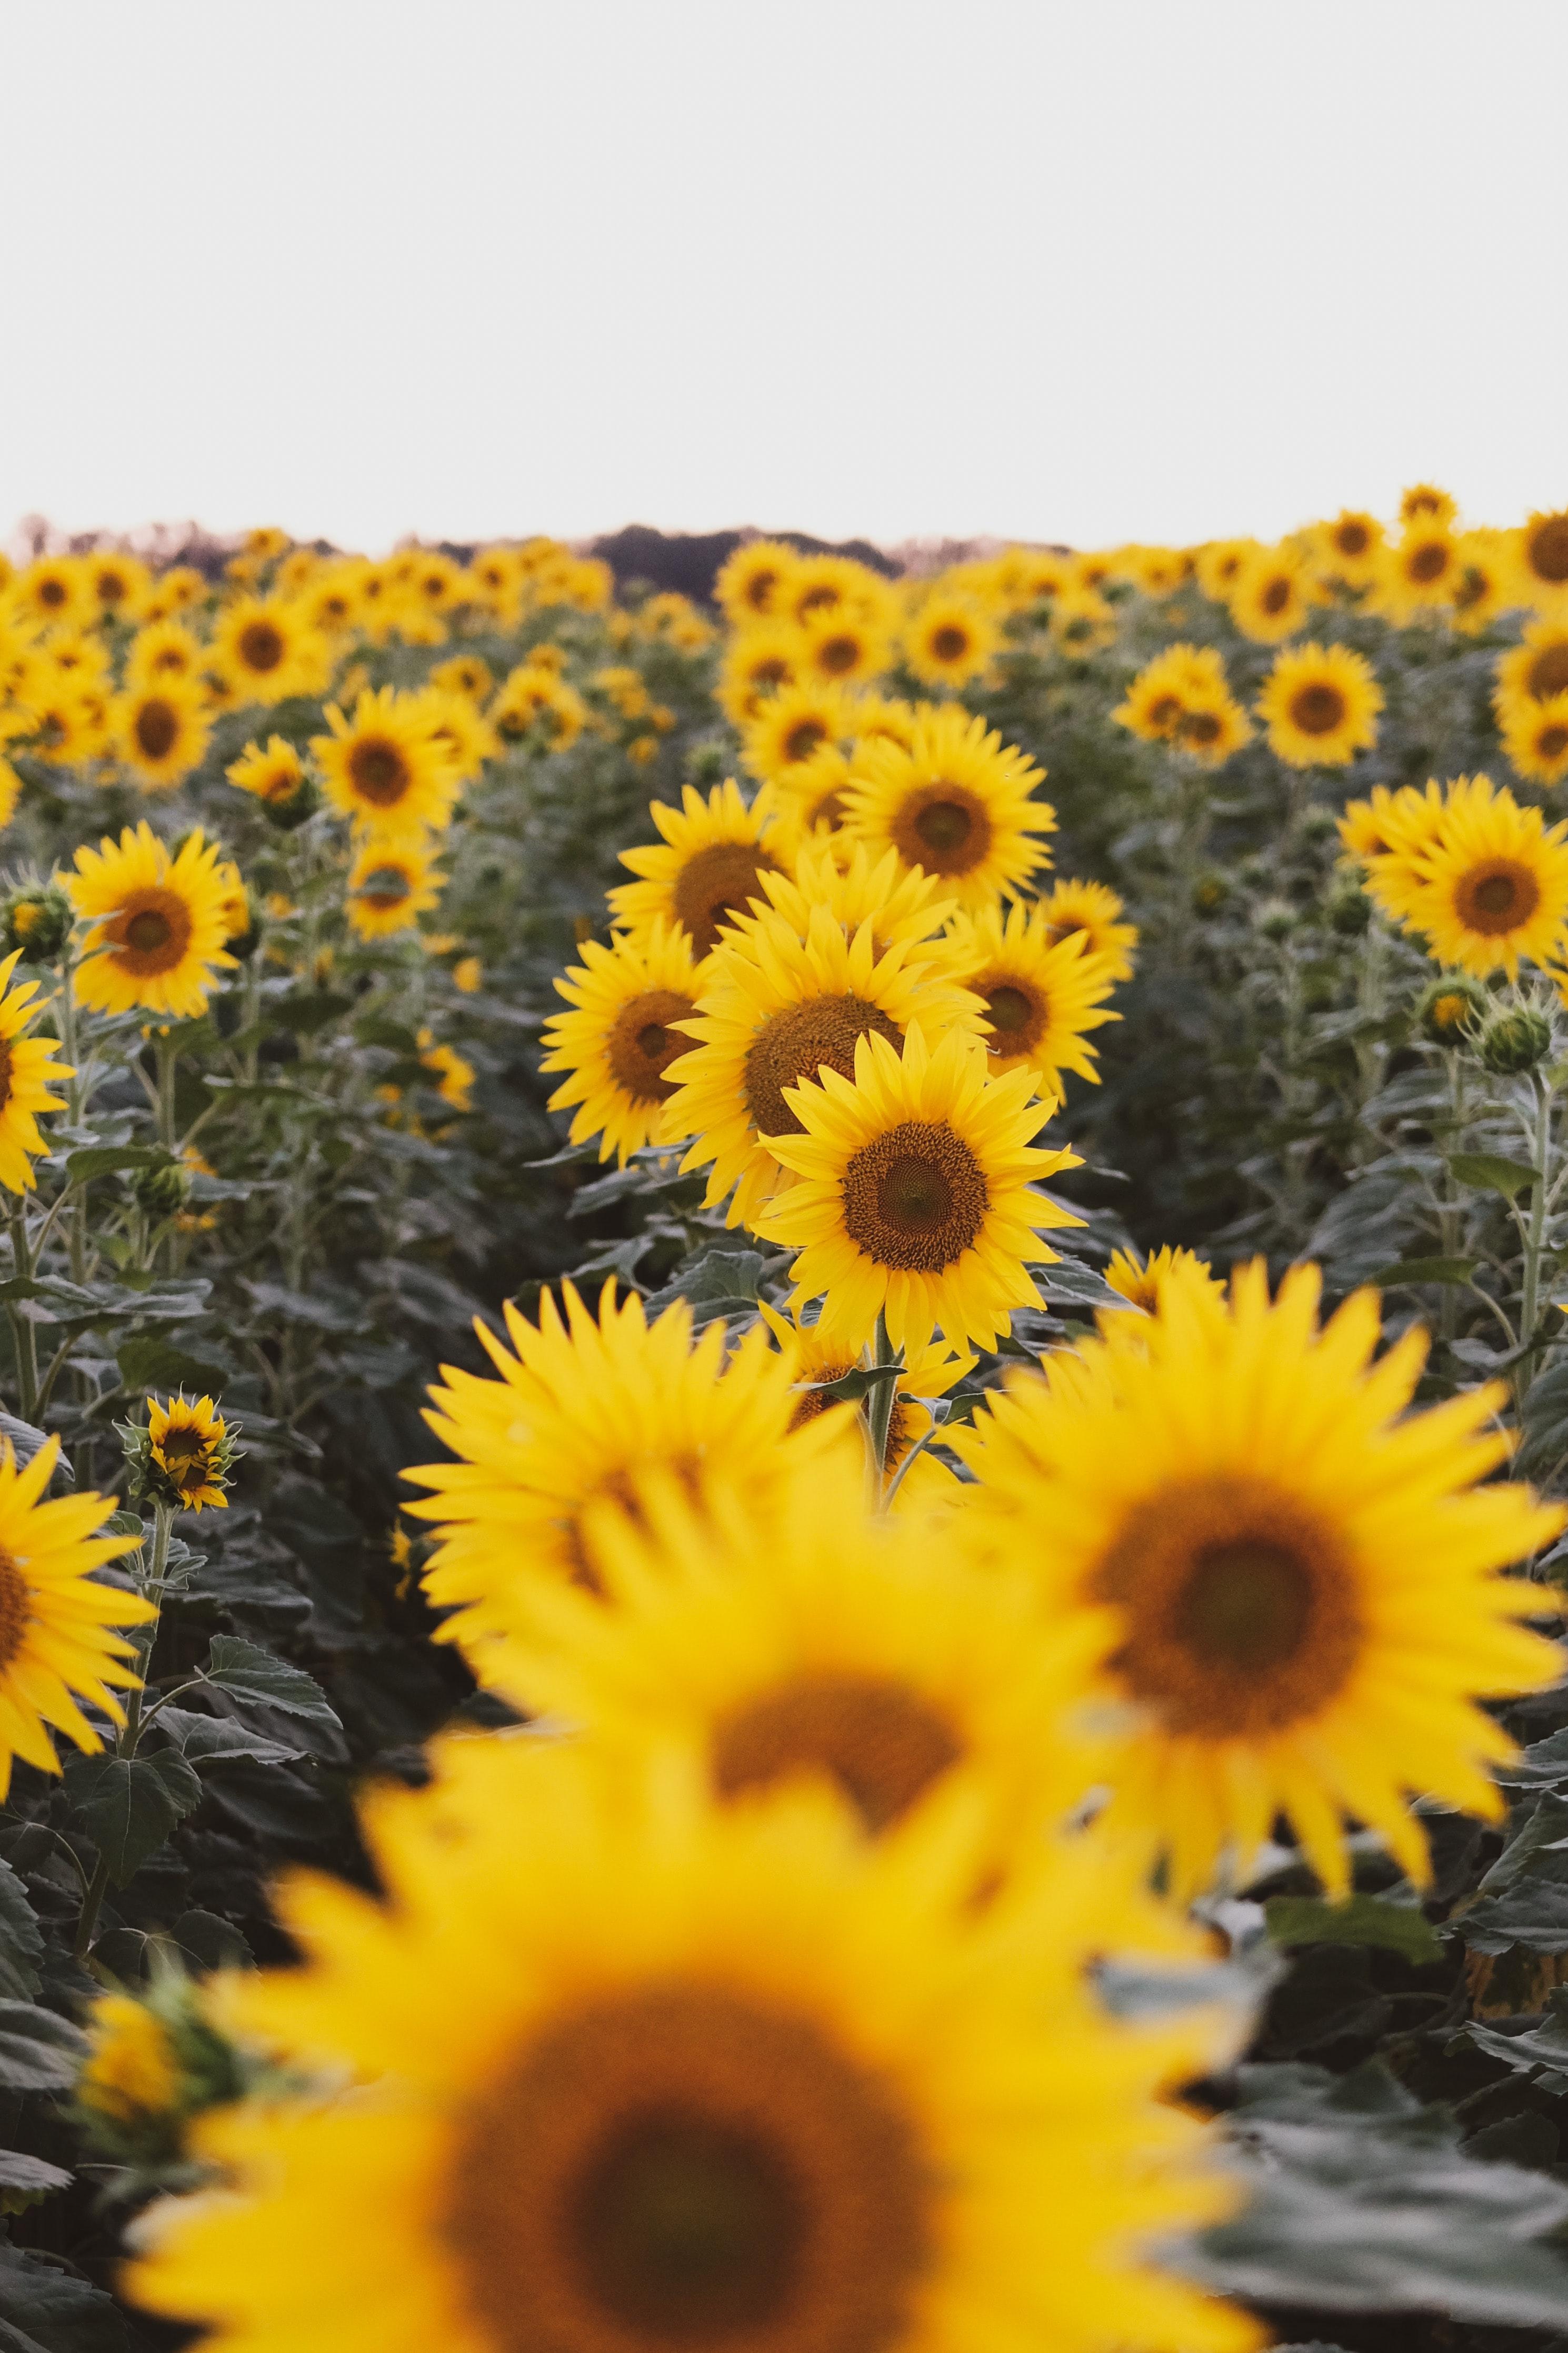 140848 скачать обои Цветы, Поле, Желтый, Подсолнухи - заставки и картинки бесплатно